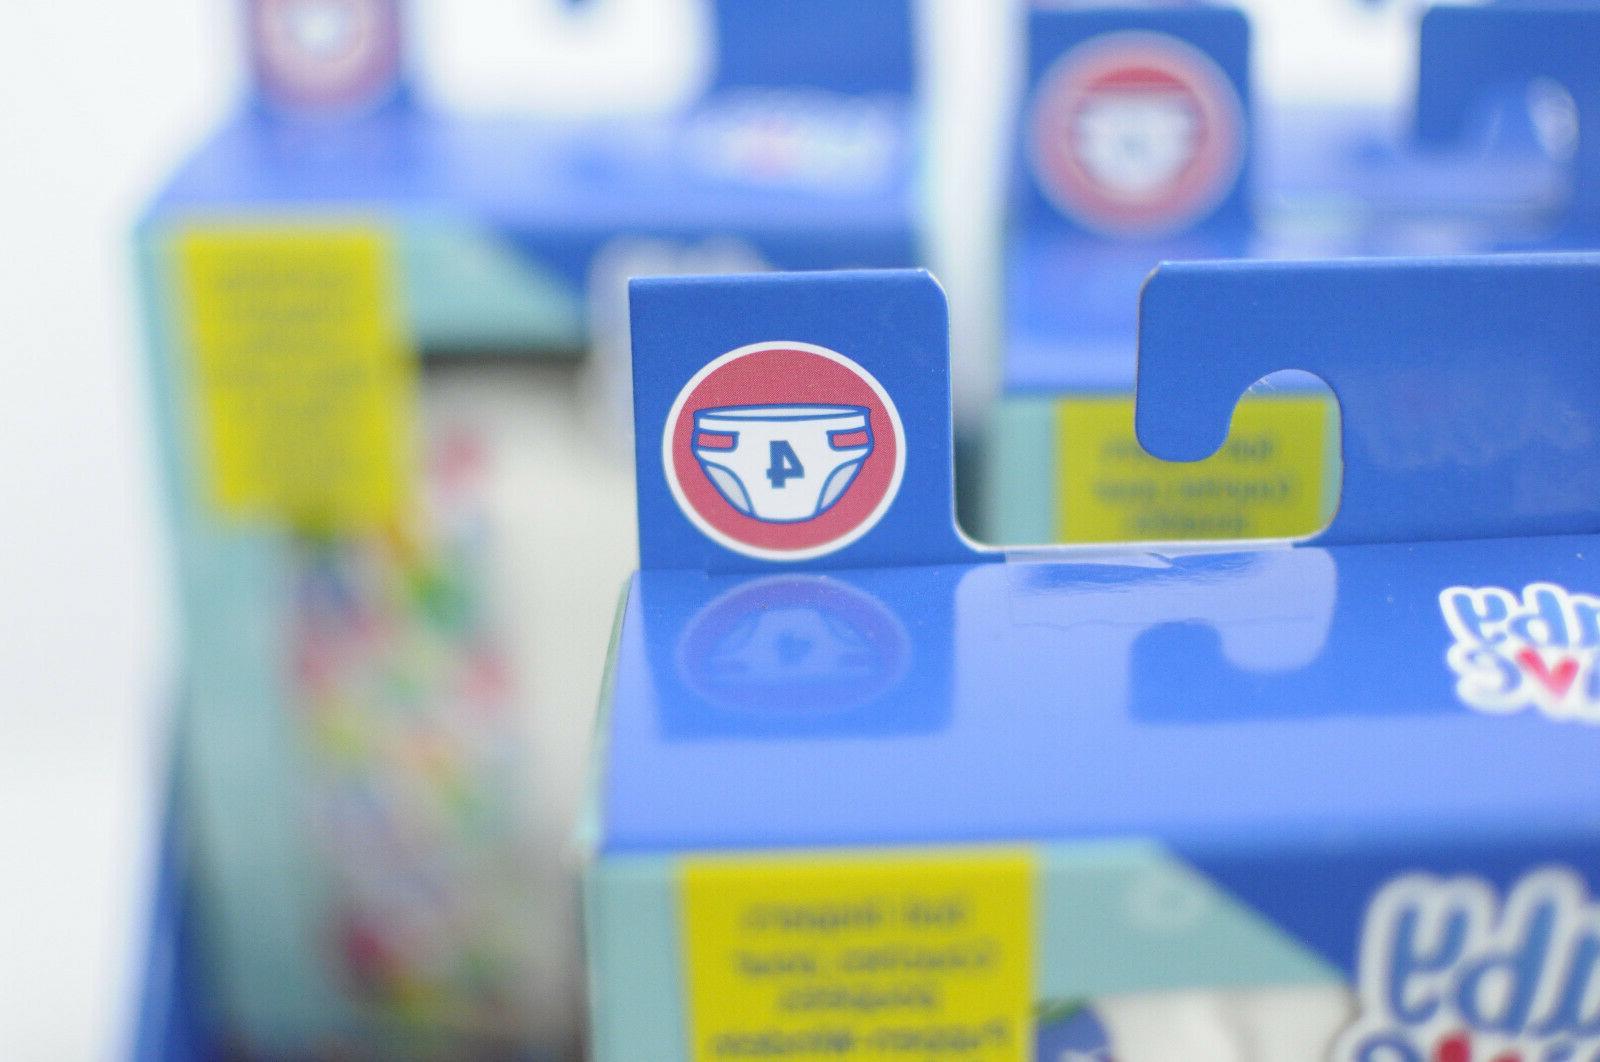 Hasbro Diaper Diapers per Box 16 Total Toys